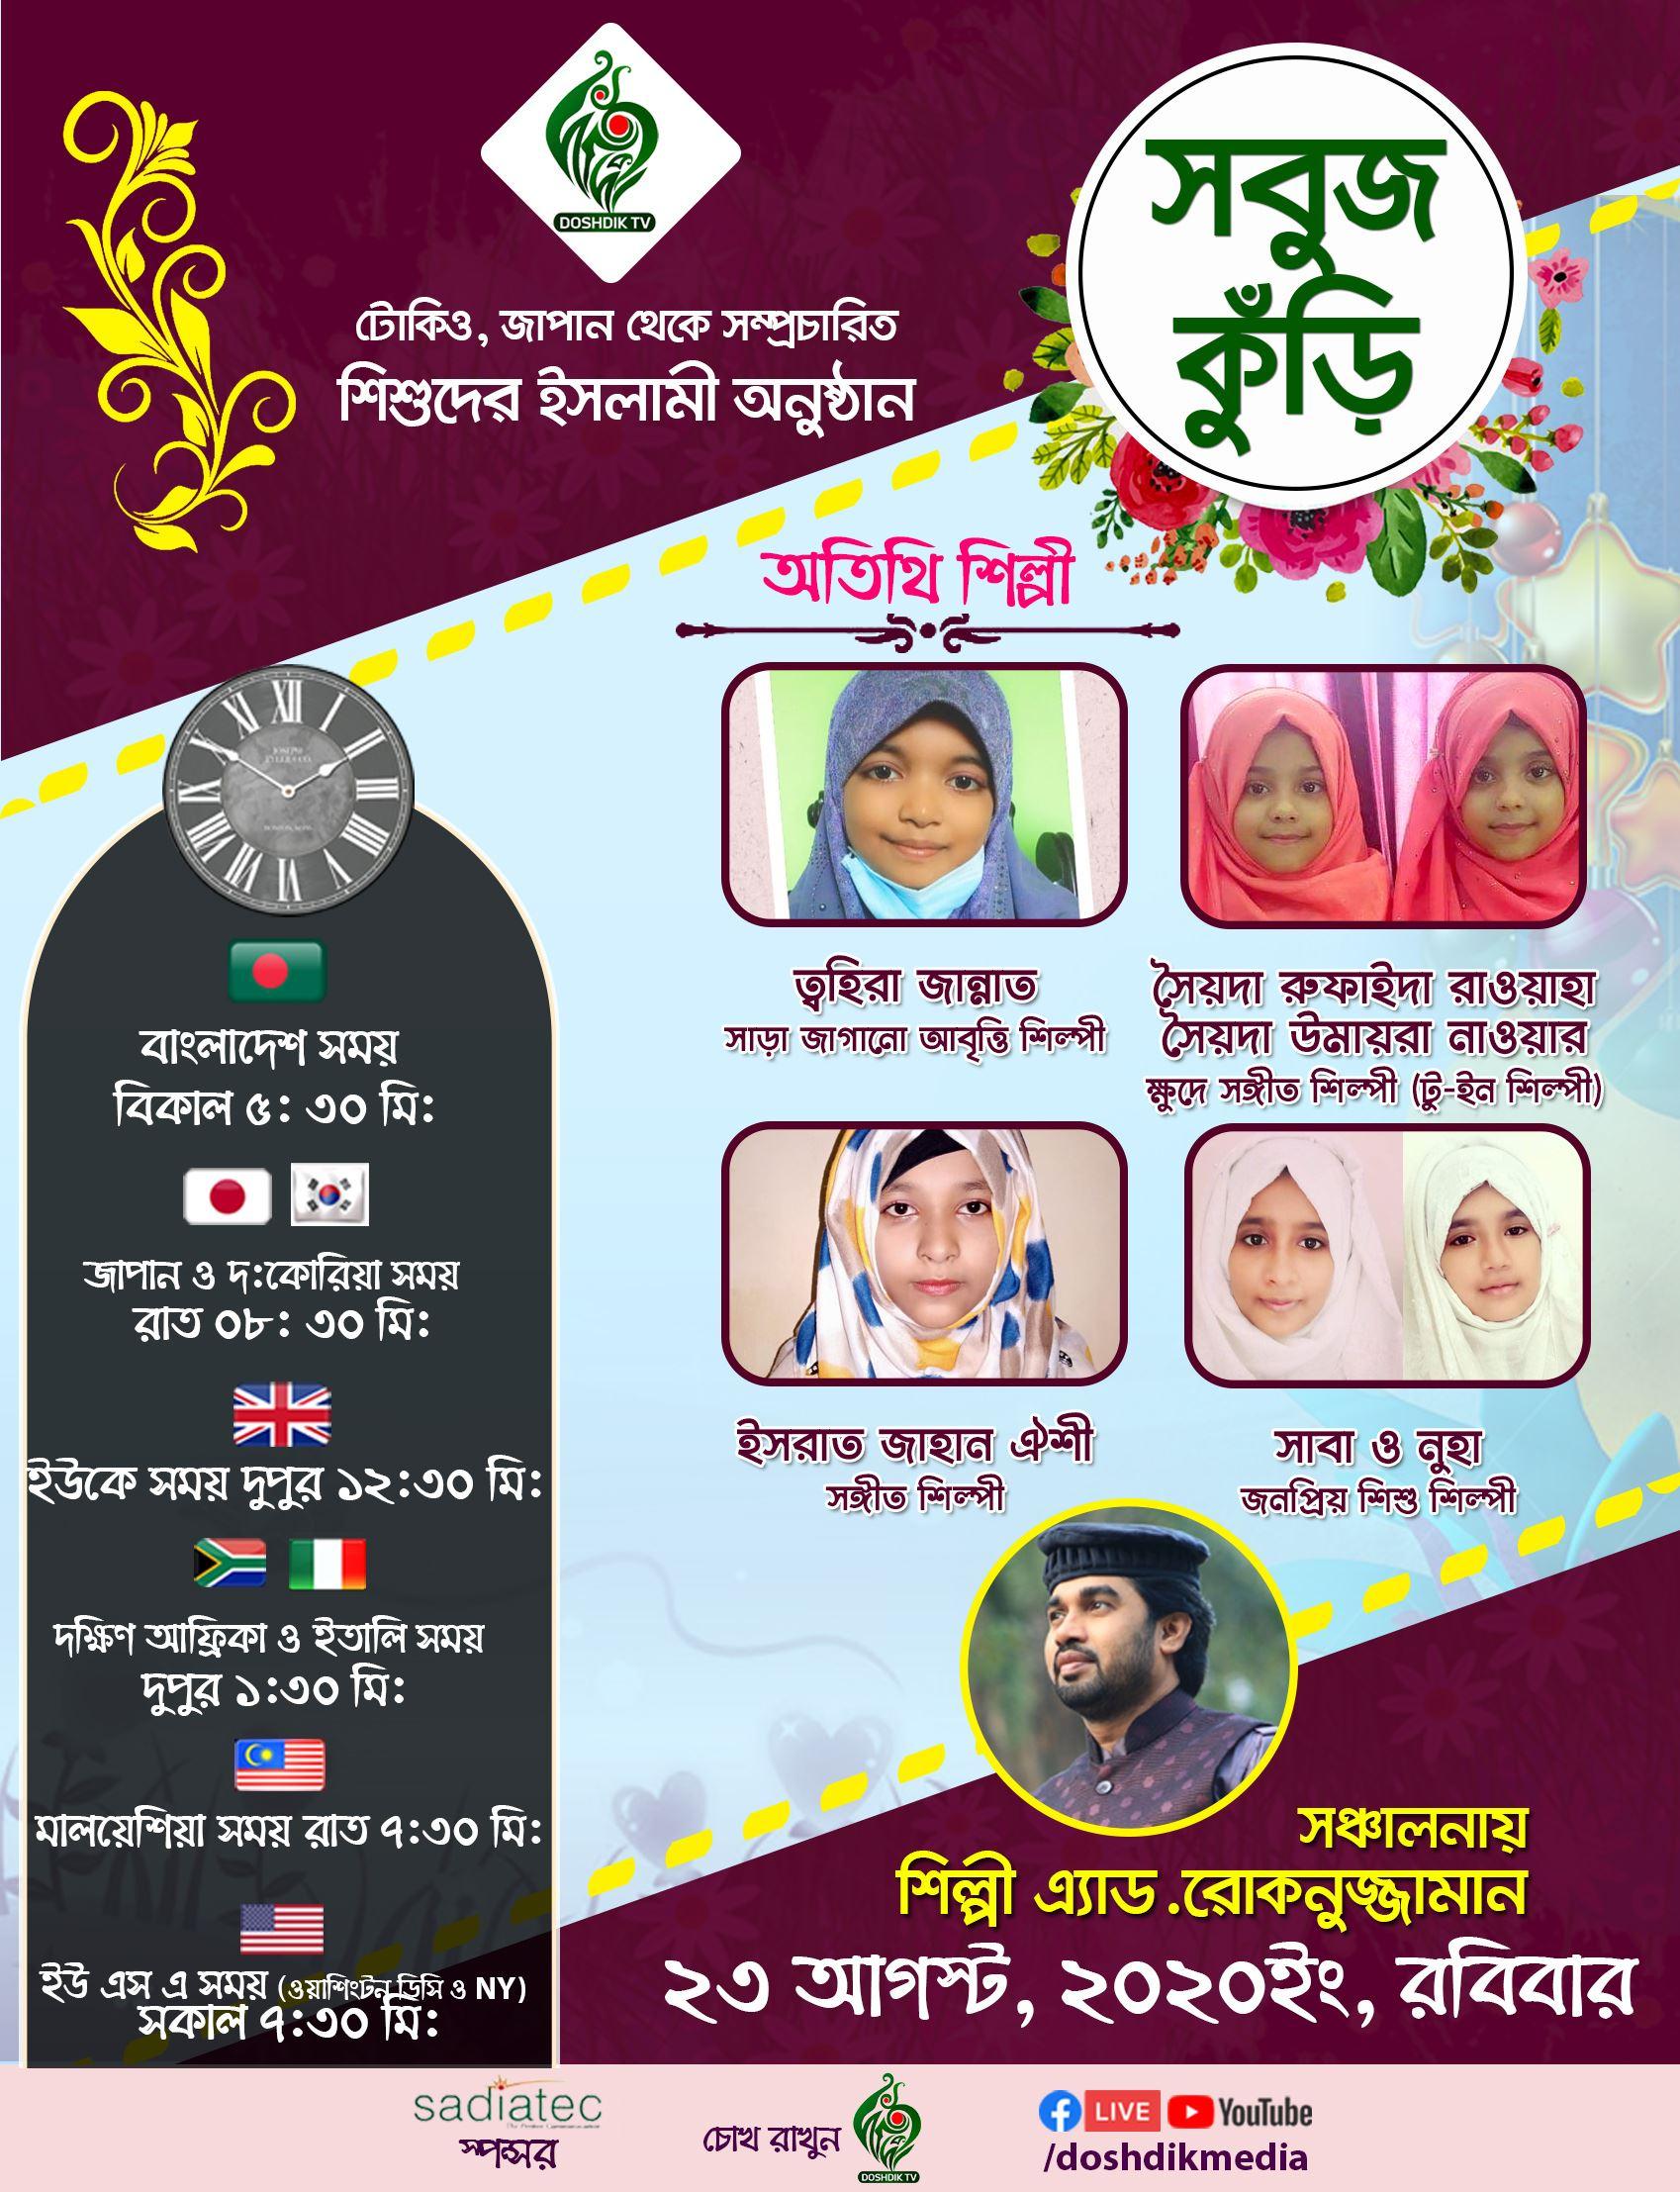 শিশু কিশোরদের ইসলামী অনুষ্ঠান: সবুজ কুঁড়ি